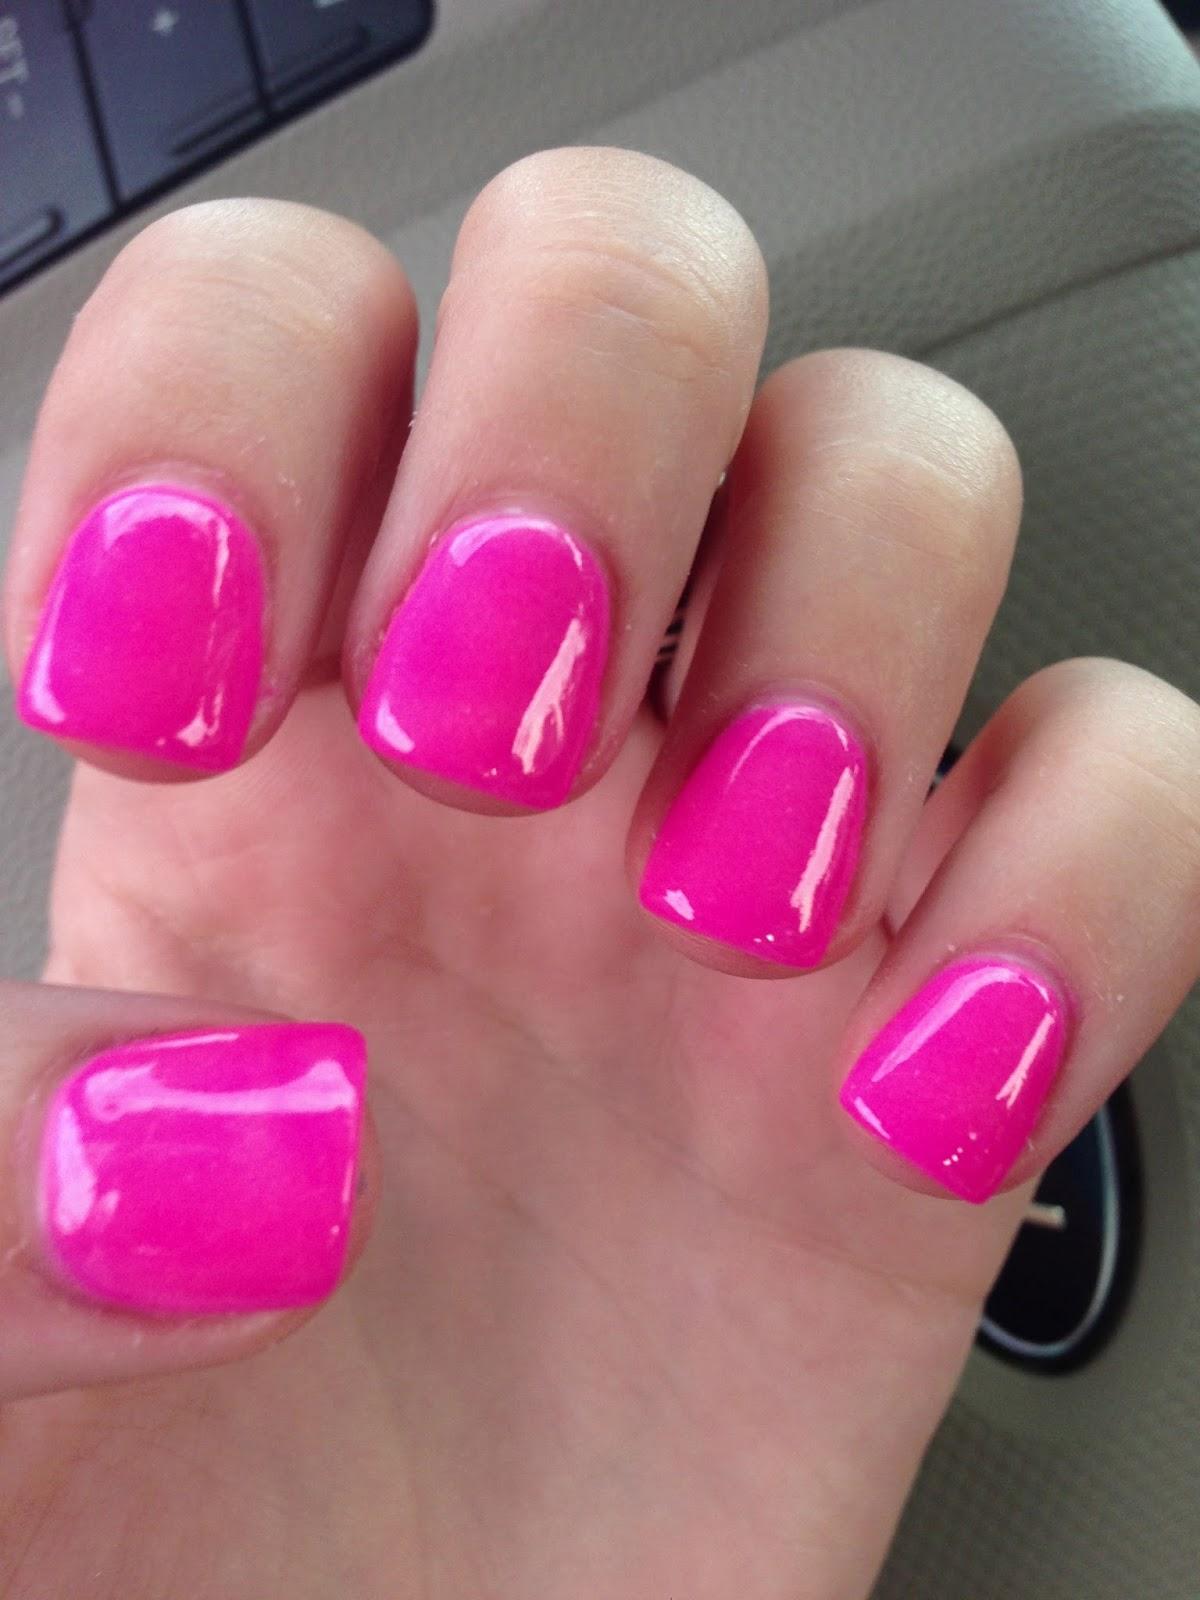 dipped nails vs. gel nails photo - 1